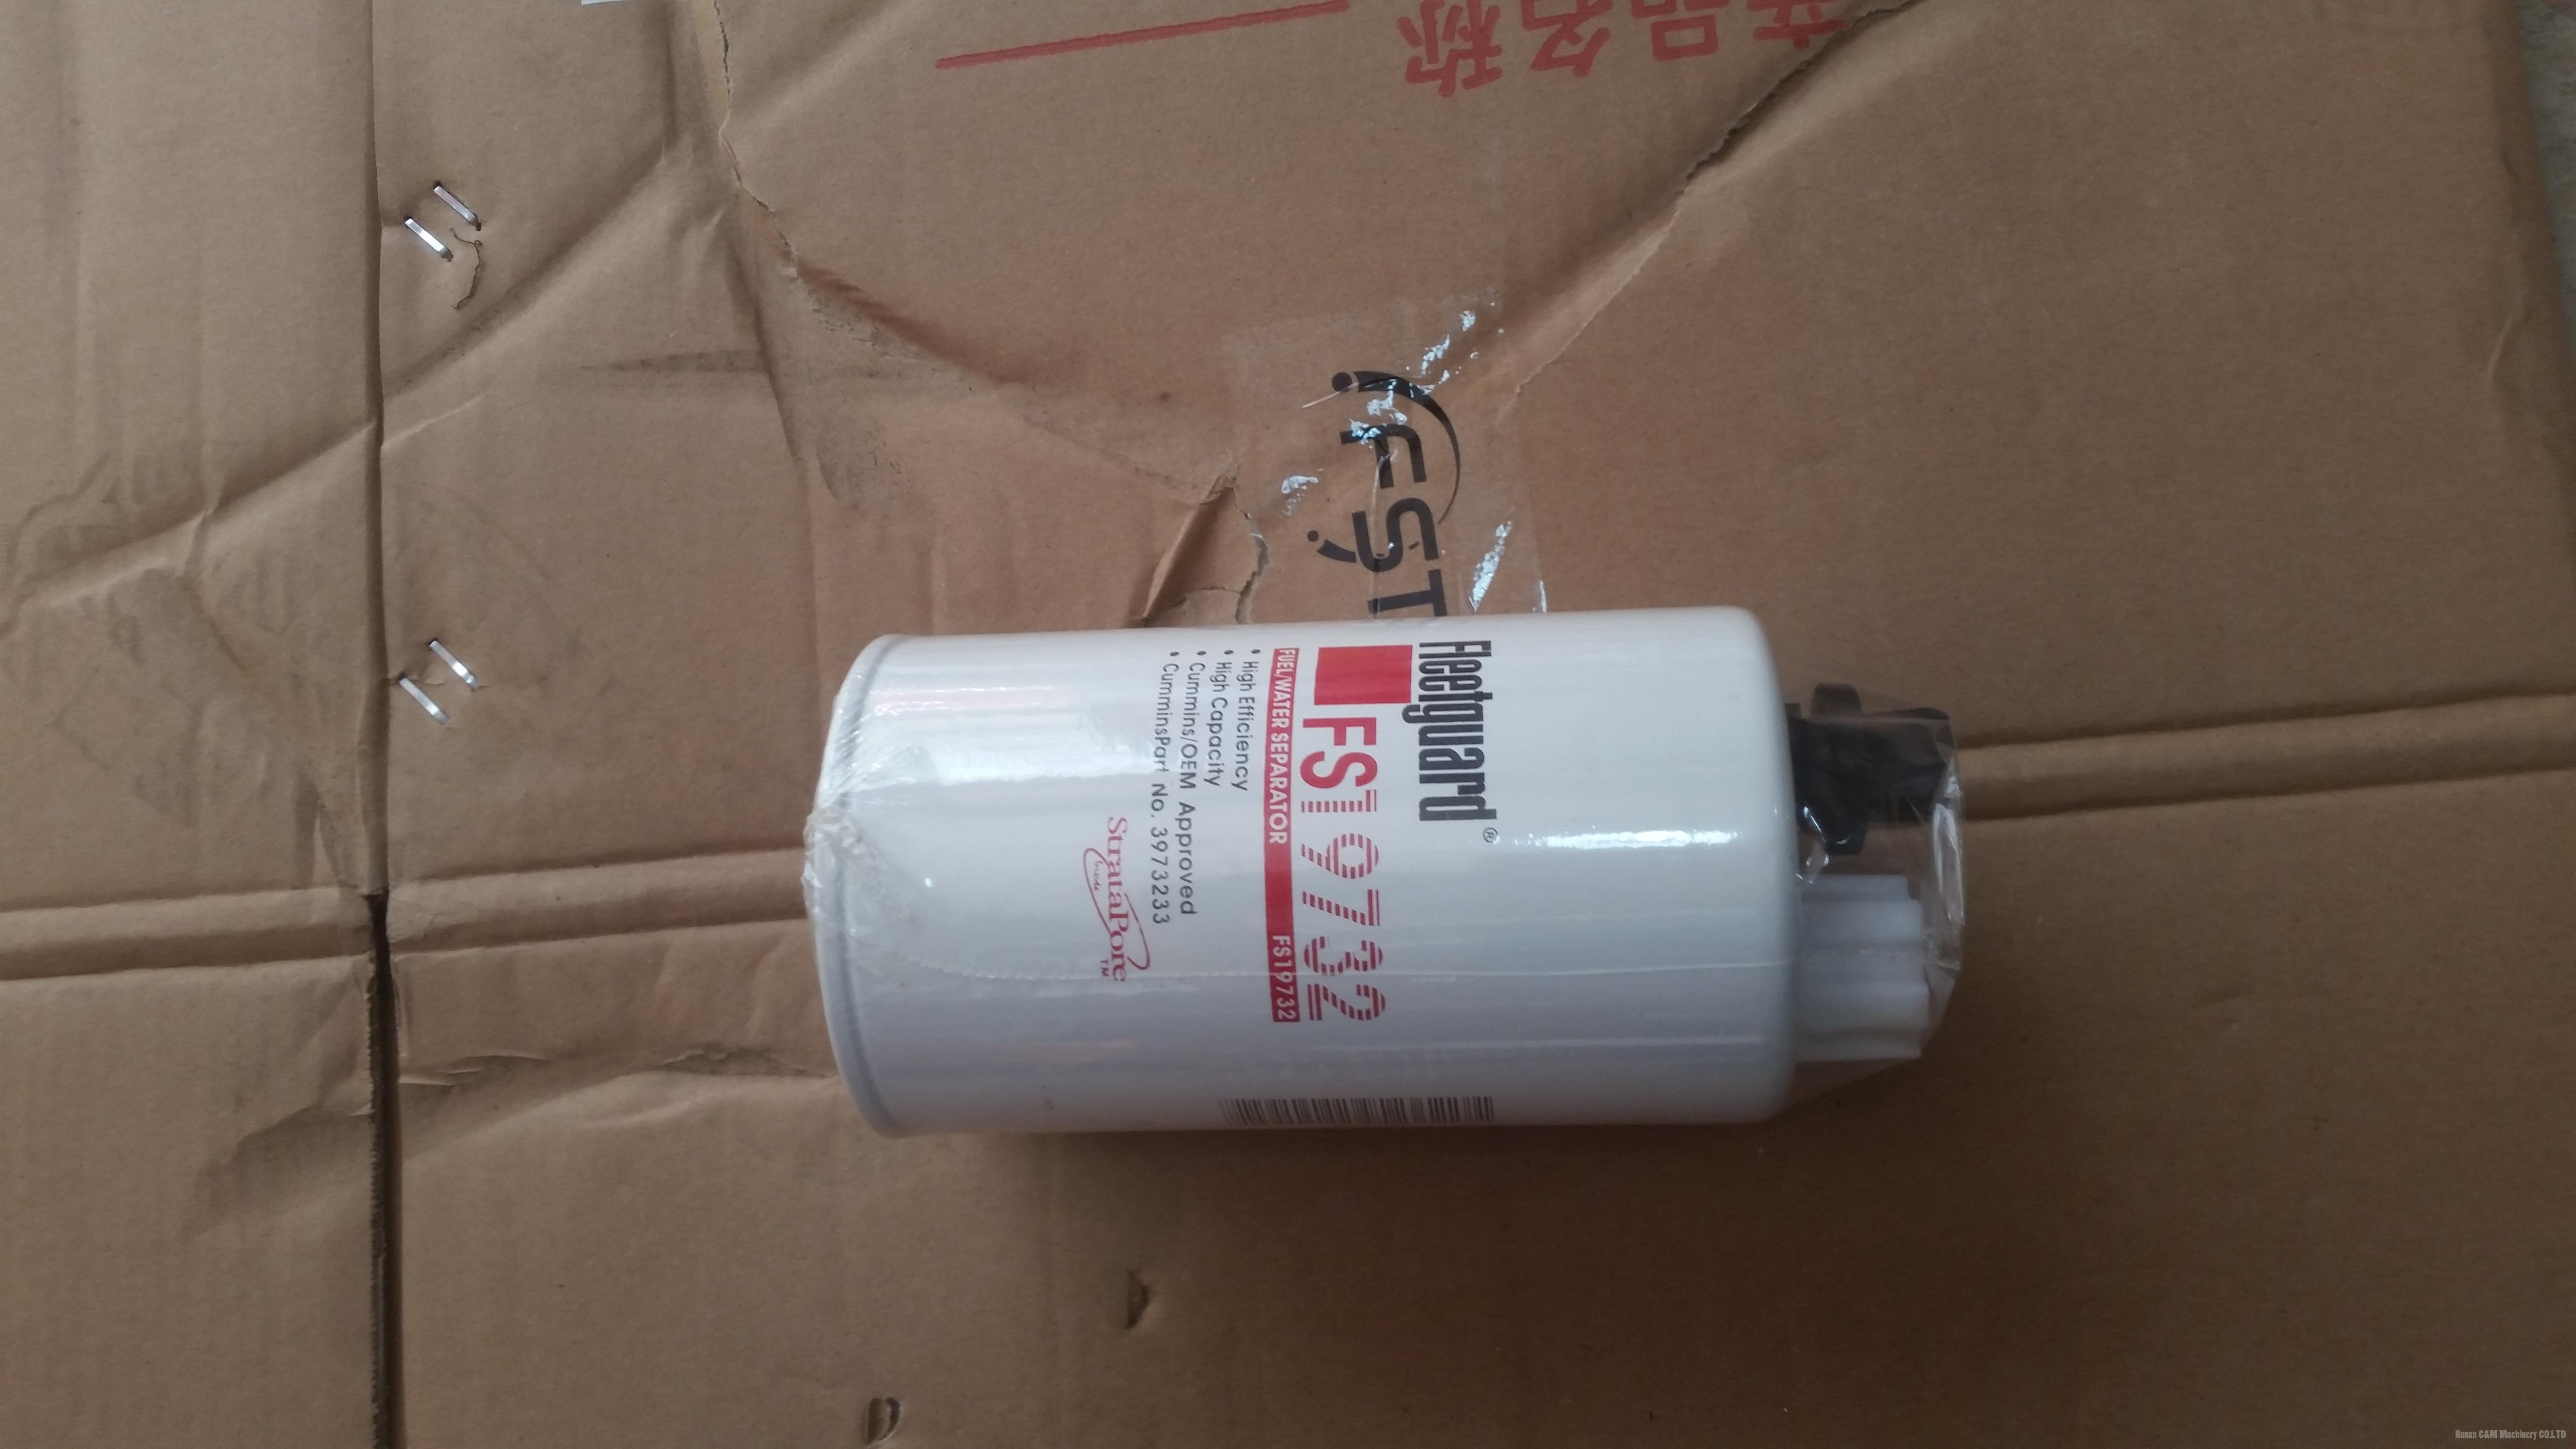 Cummins engine Diesel oil filter FS19732 3973233 1000400051